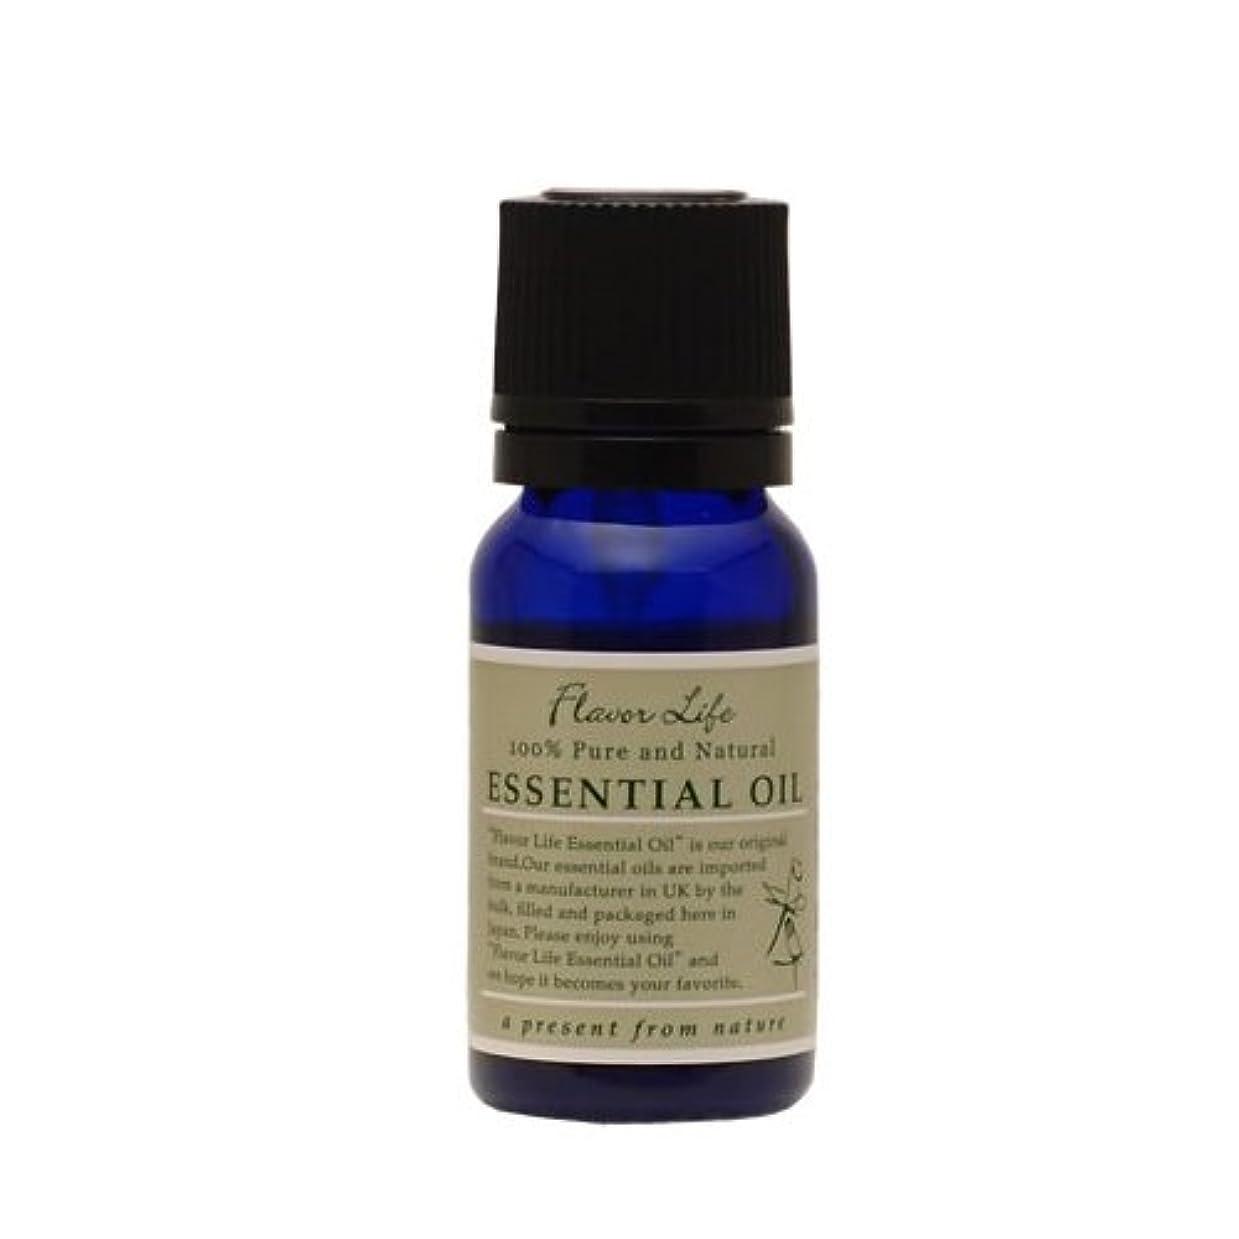 悪の松の木適性フレーバーライフ 精油 ベンゾイン30%10ml(スポイト付)